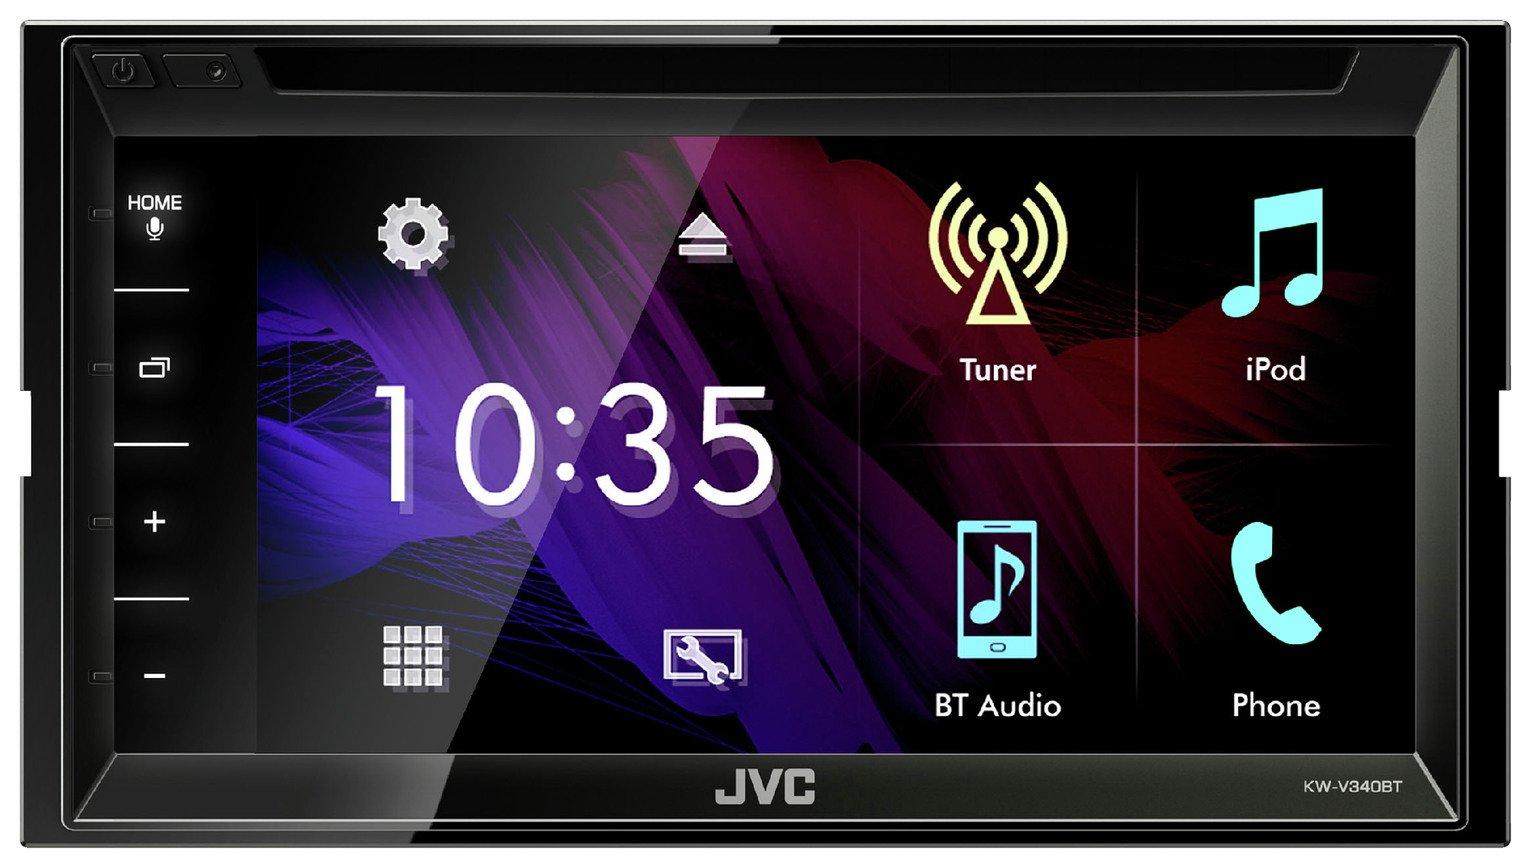 JVC KW-V340BT Car Stereo